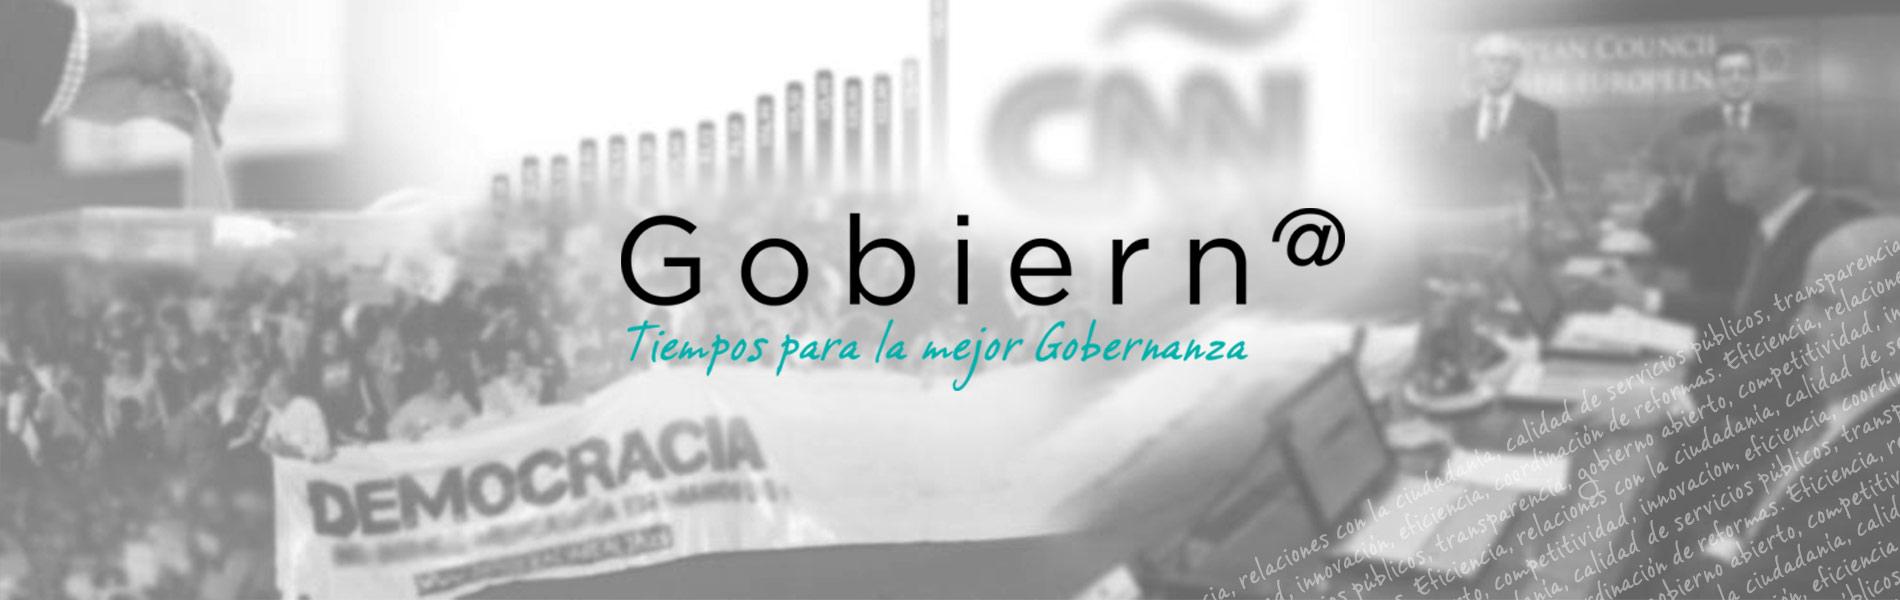 Gobiern@: Tiempos para la mejor Gobernanza